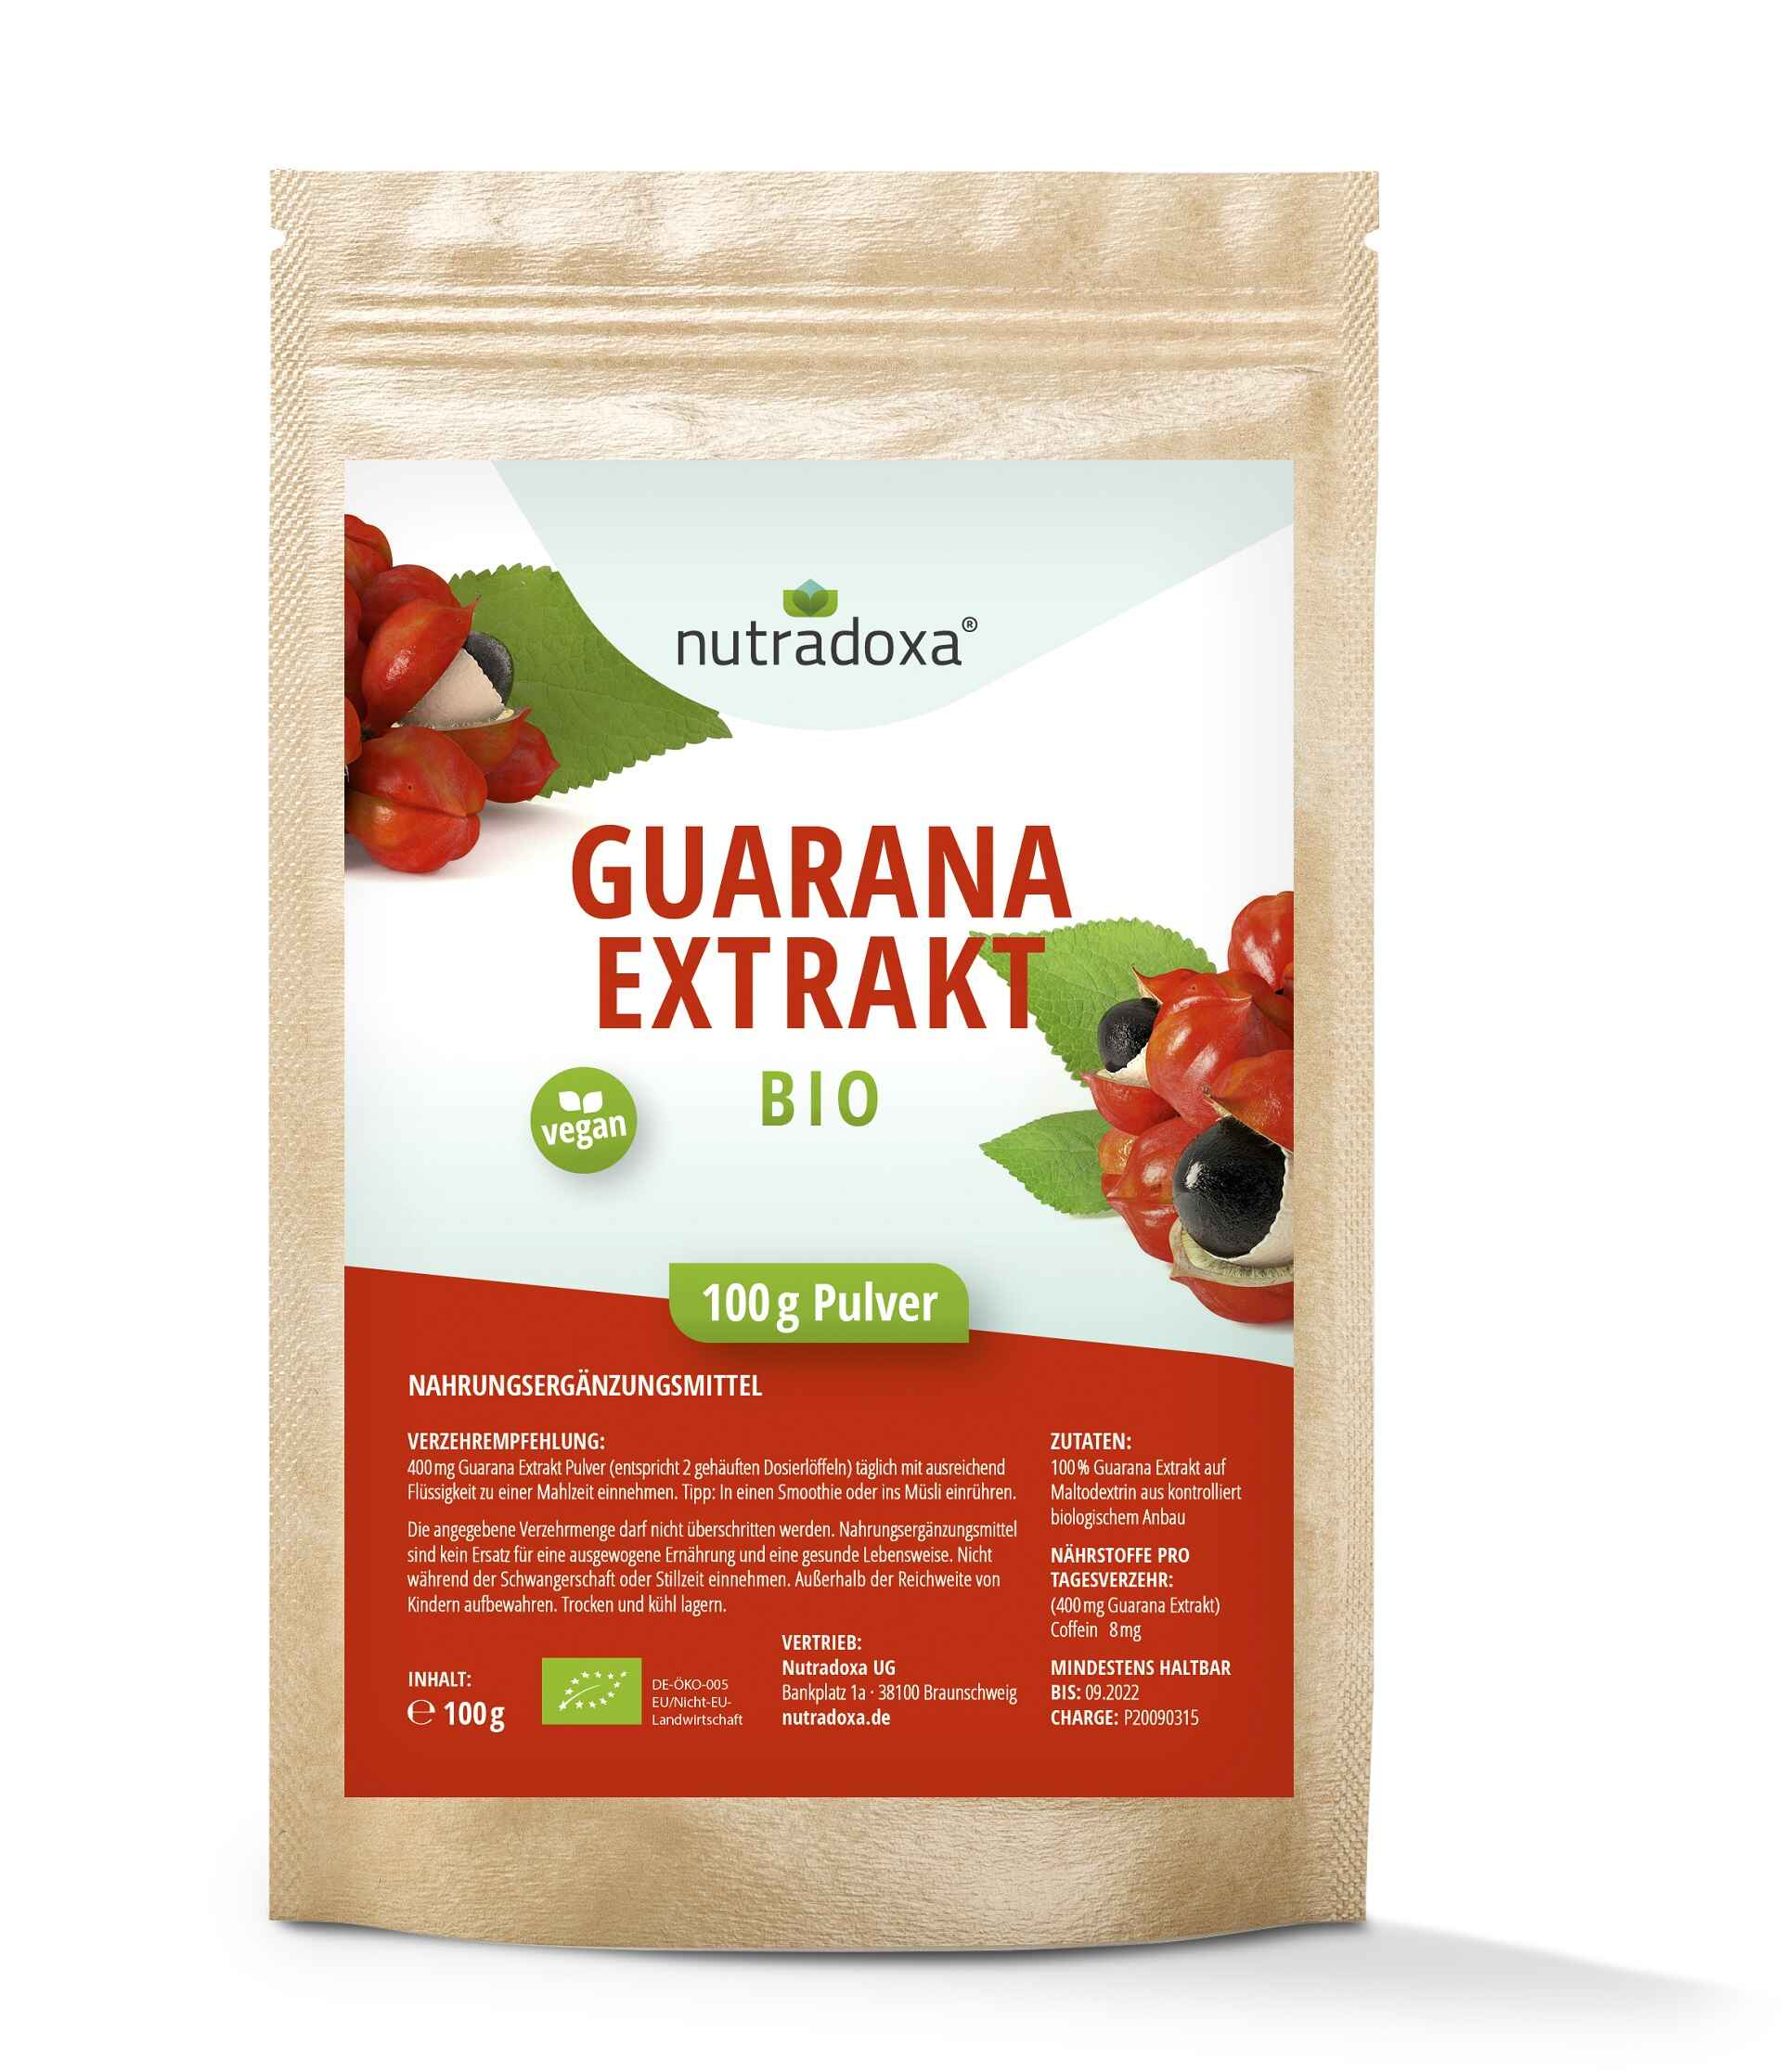 Bio Guarana Extrakt